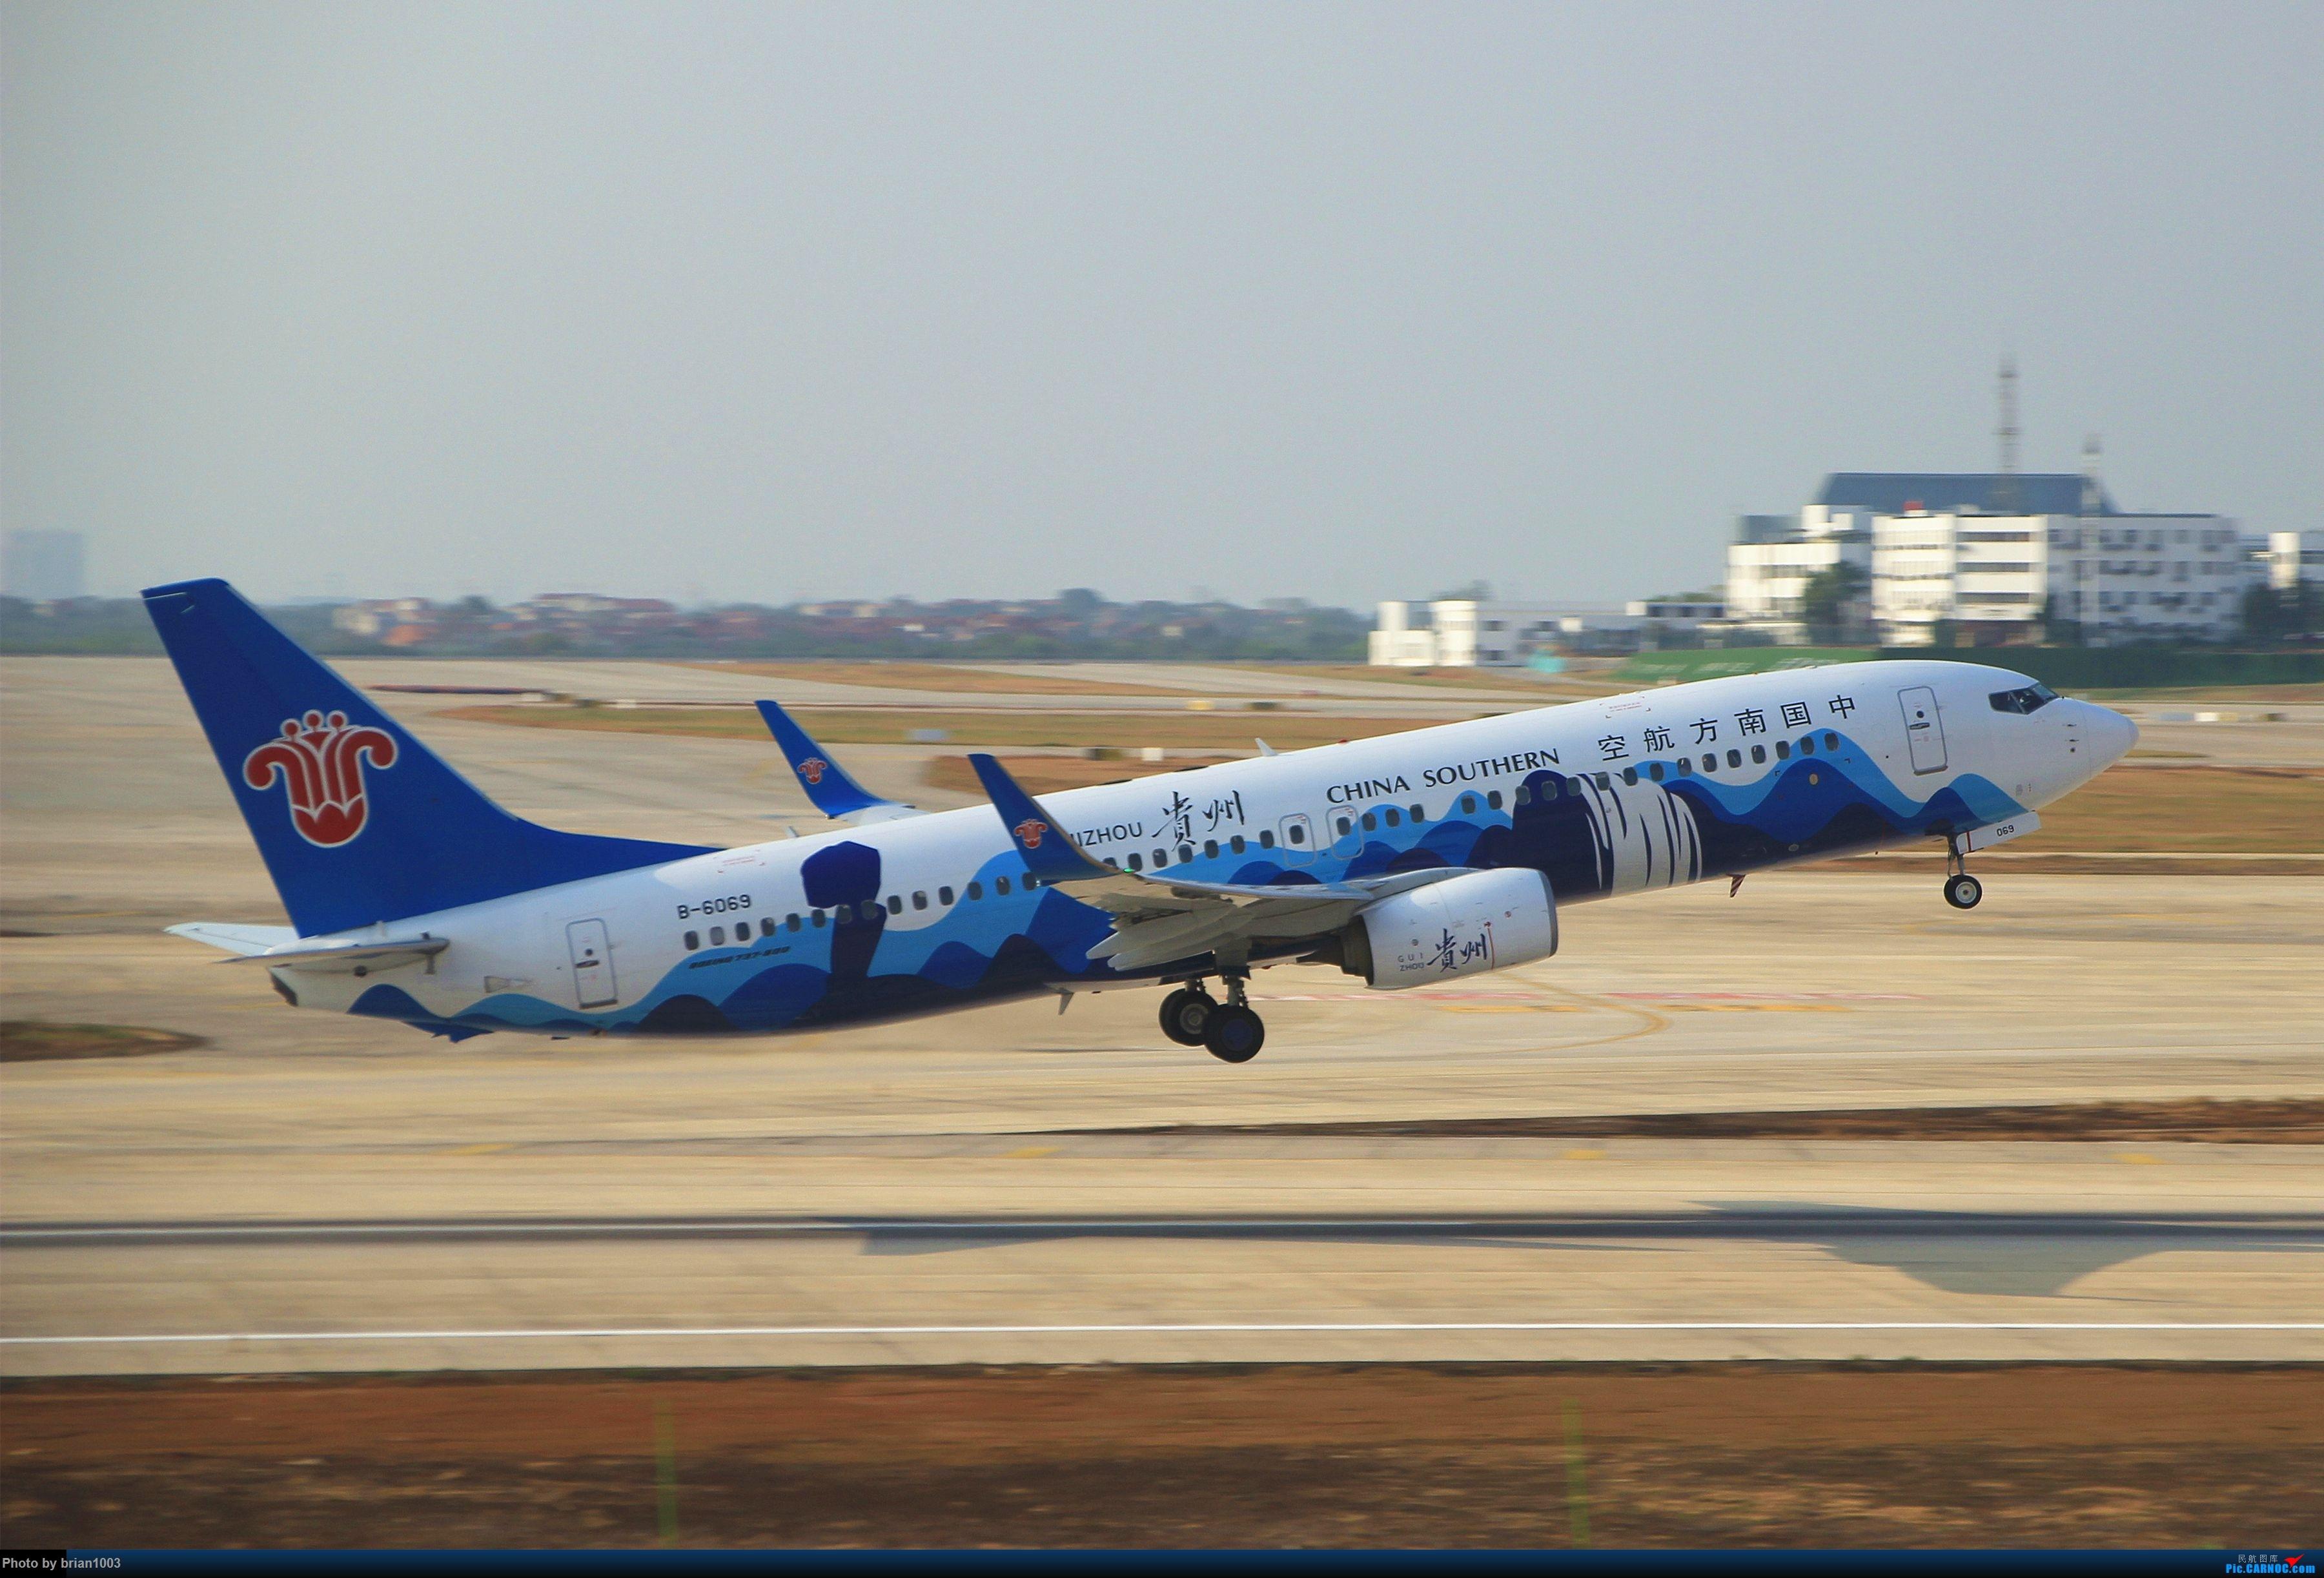 Re:[原创]WUH武汉天河机场拍机之精彩满满的十月(还可能更新) BOEING 737-800 B-6069 中国武汉天河国际机场